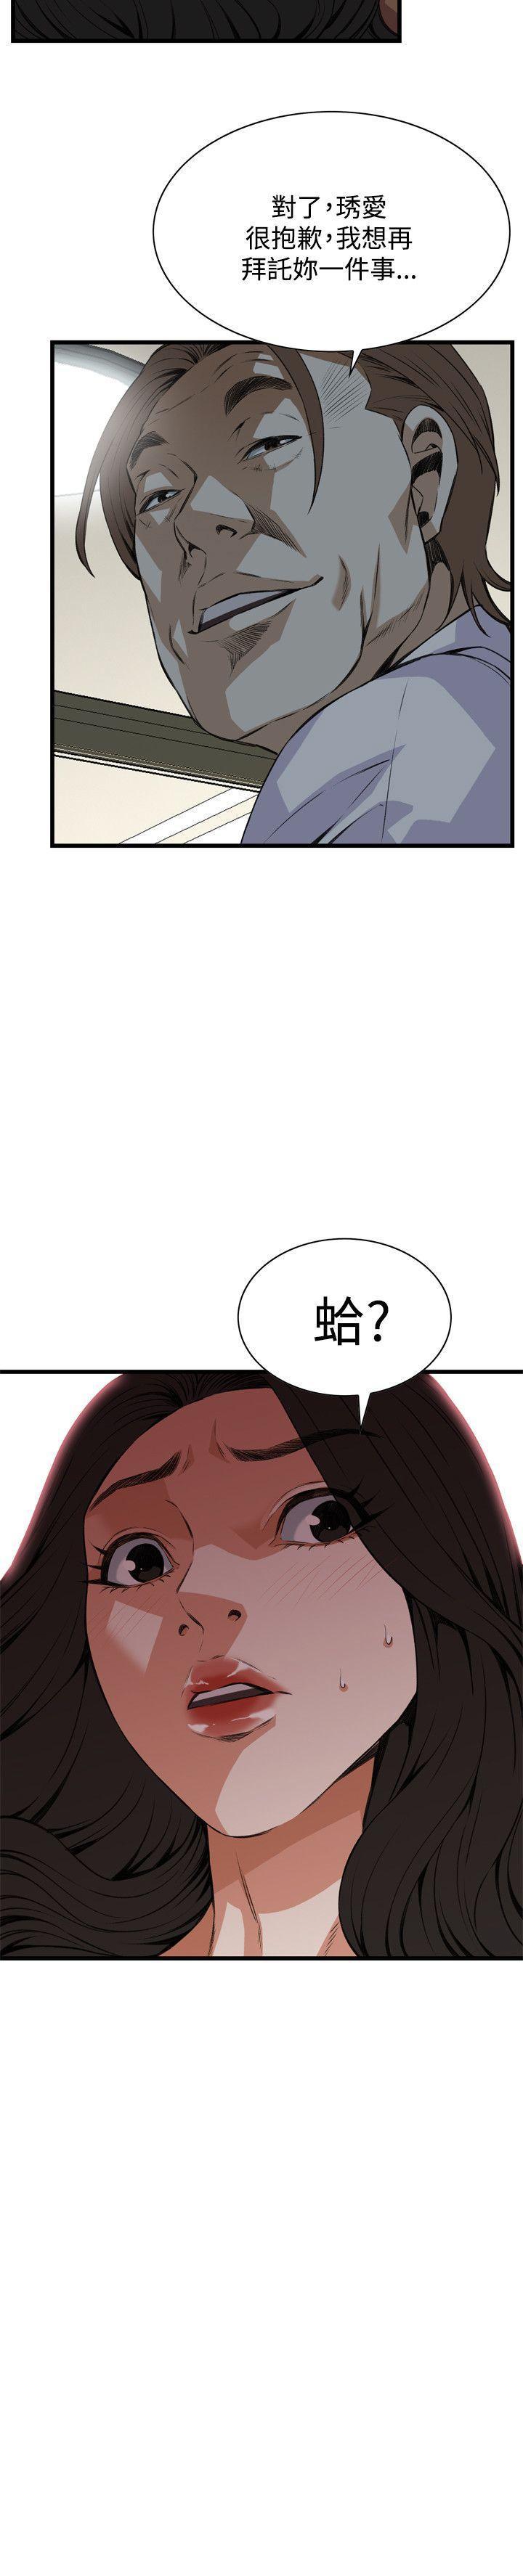 偷窥72-93 Chinese Rsiky 273